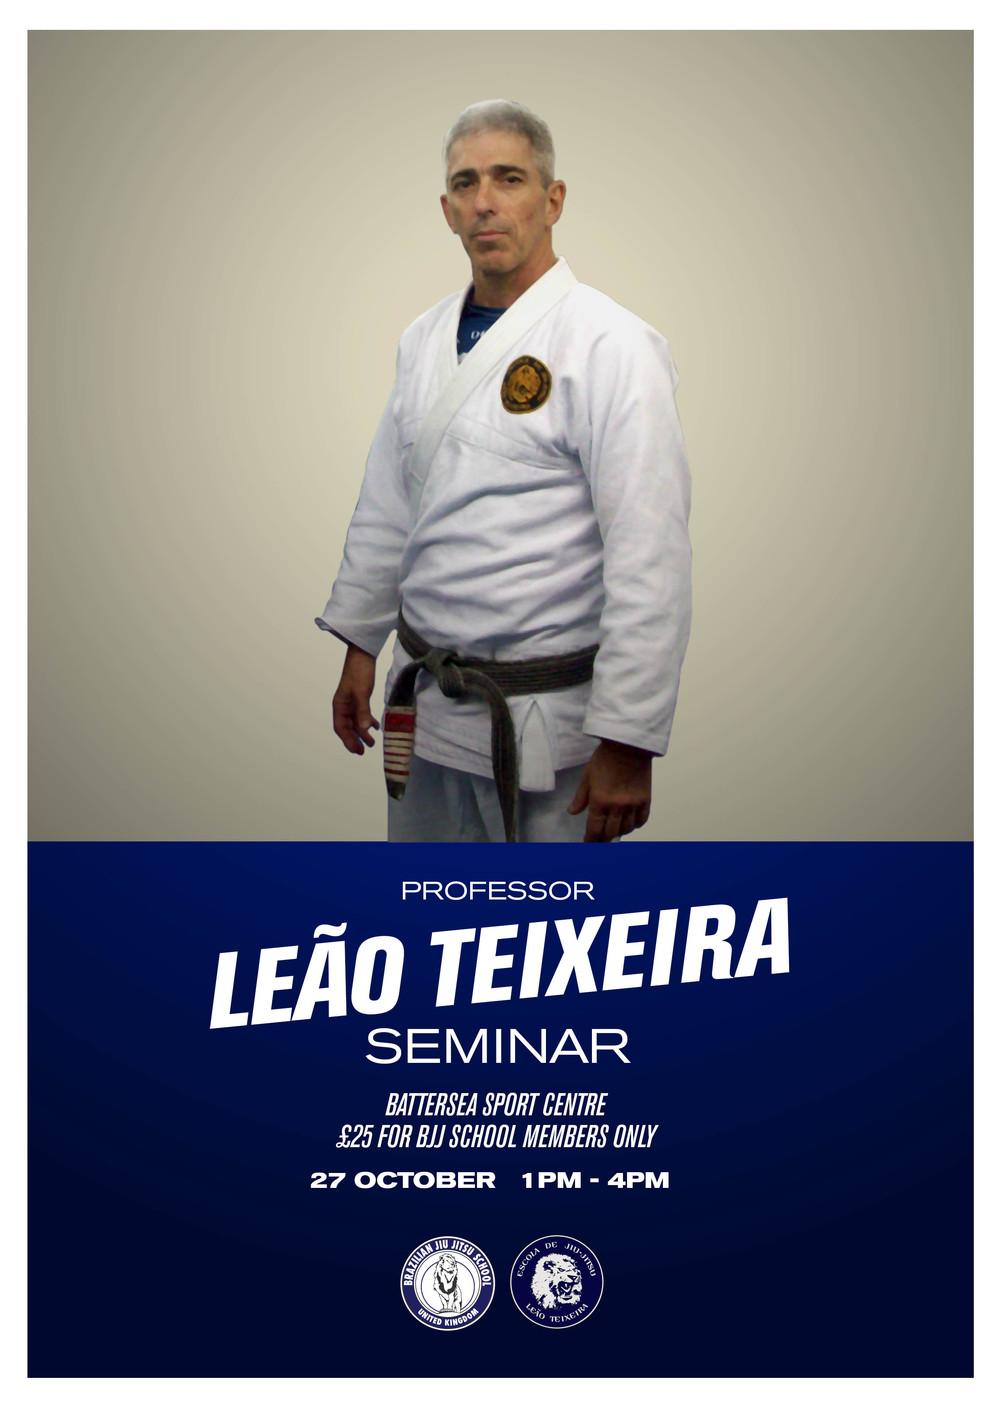 Professor Poster.jpg